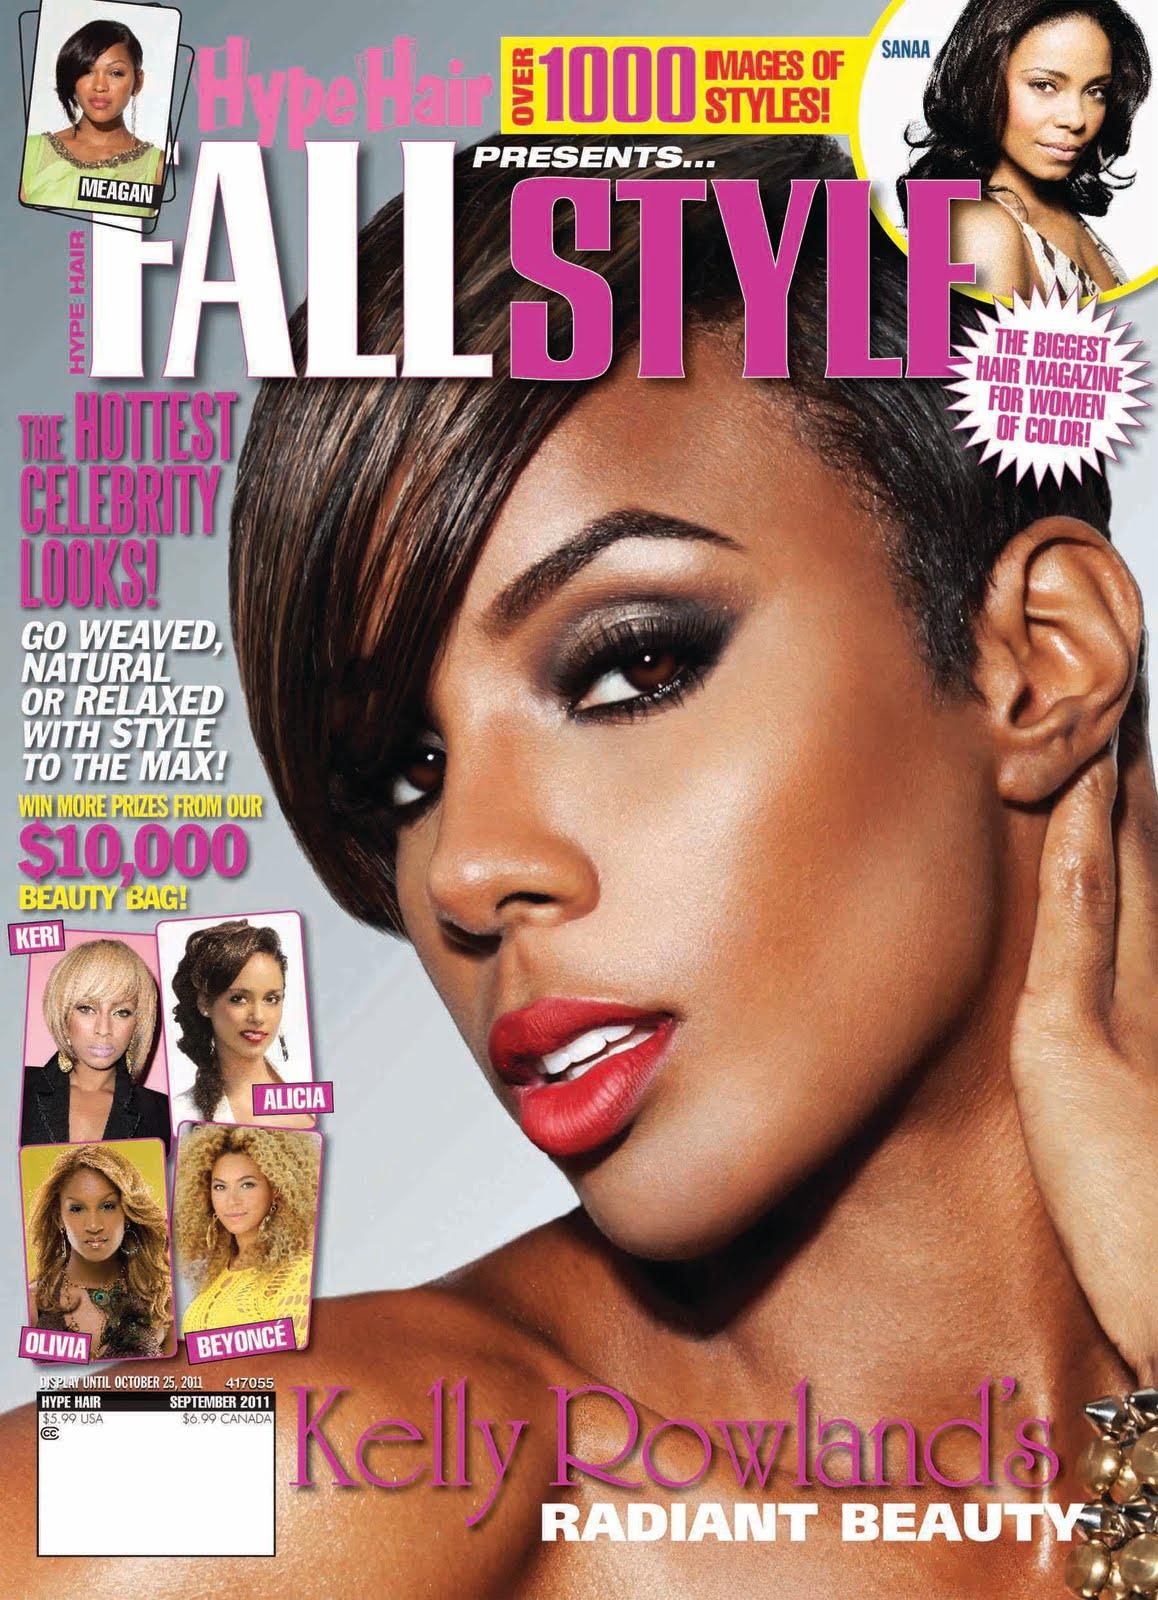 Kelly Rowland x Hype Hair - Beauty Blvd.